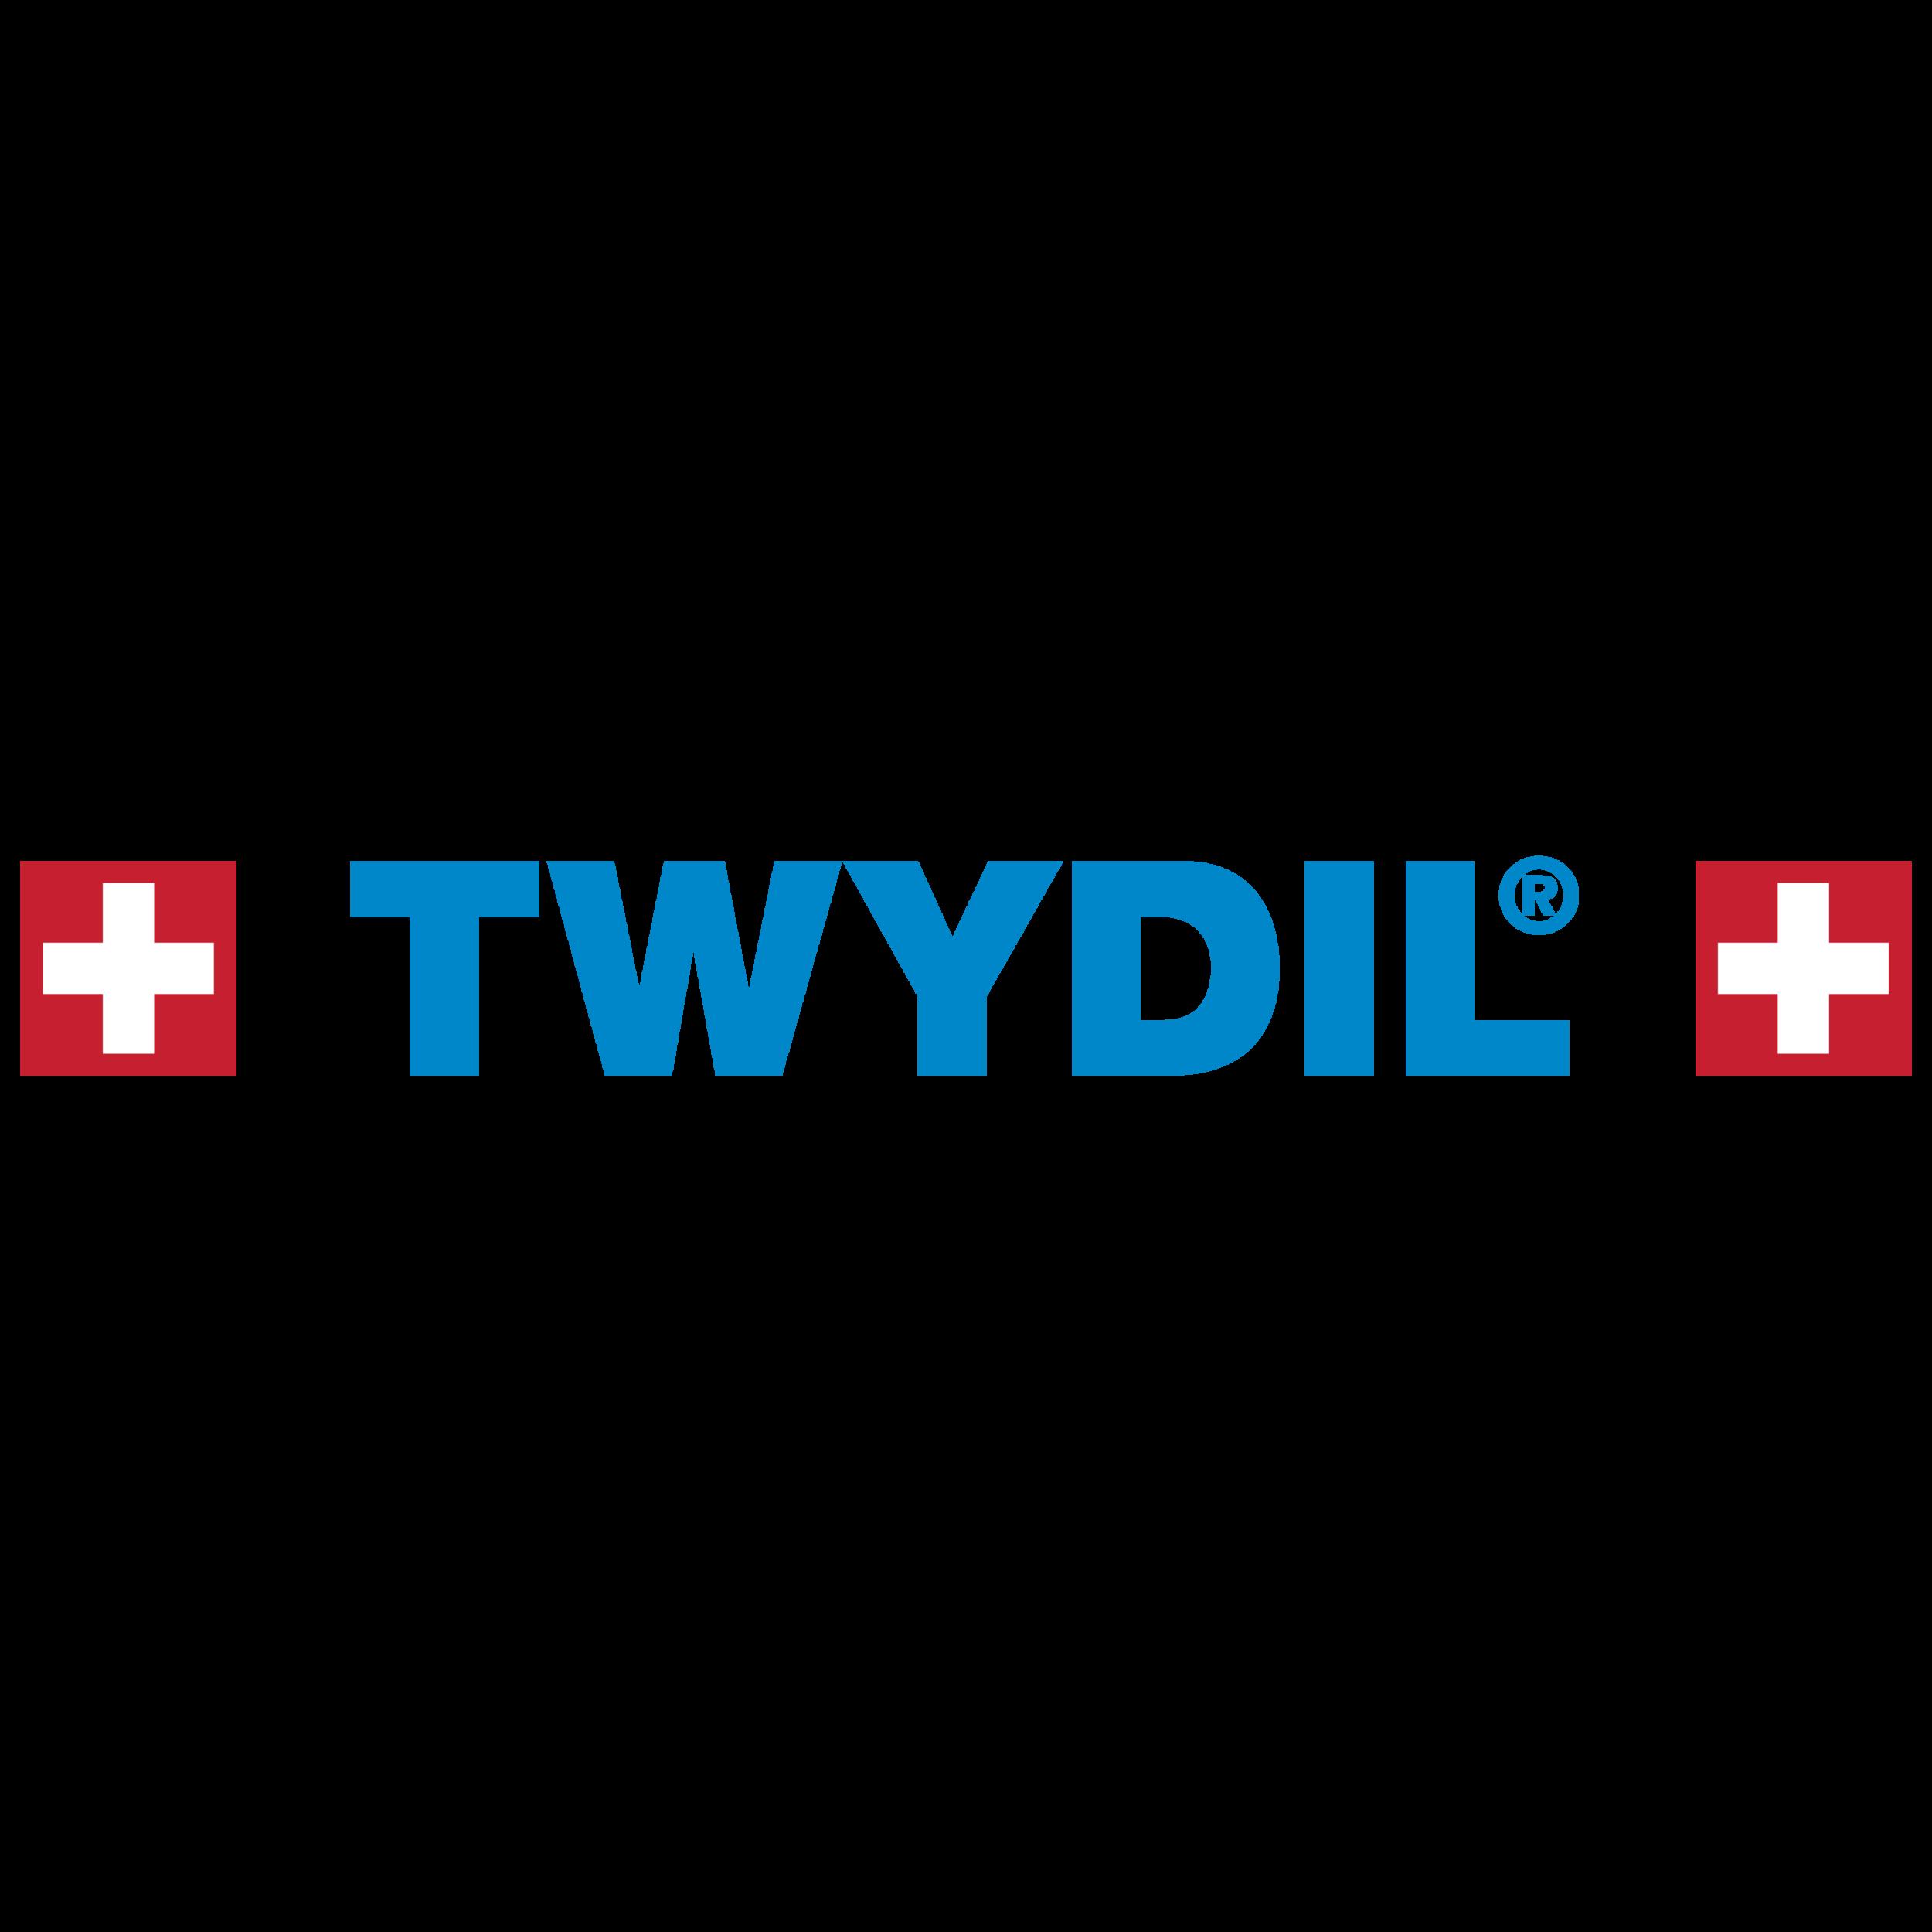 TWIDYL